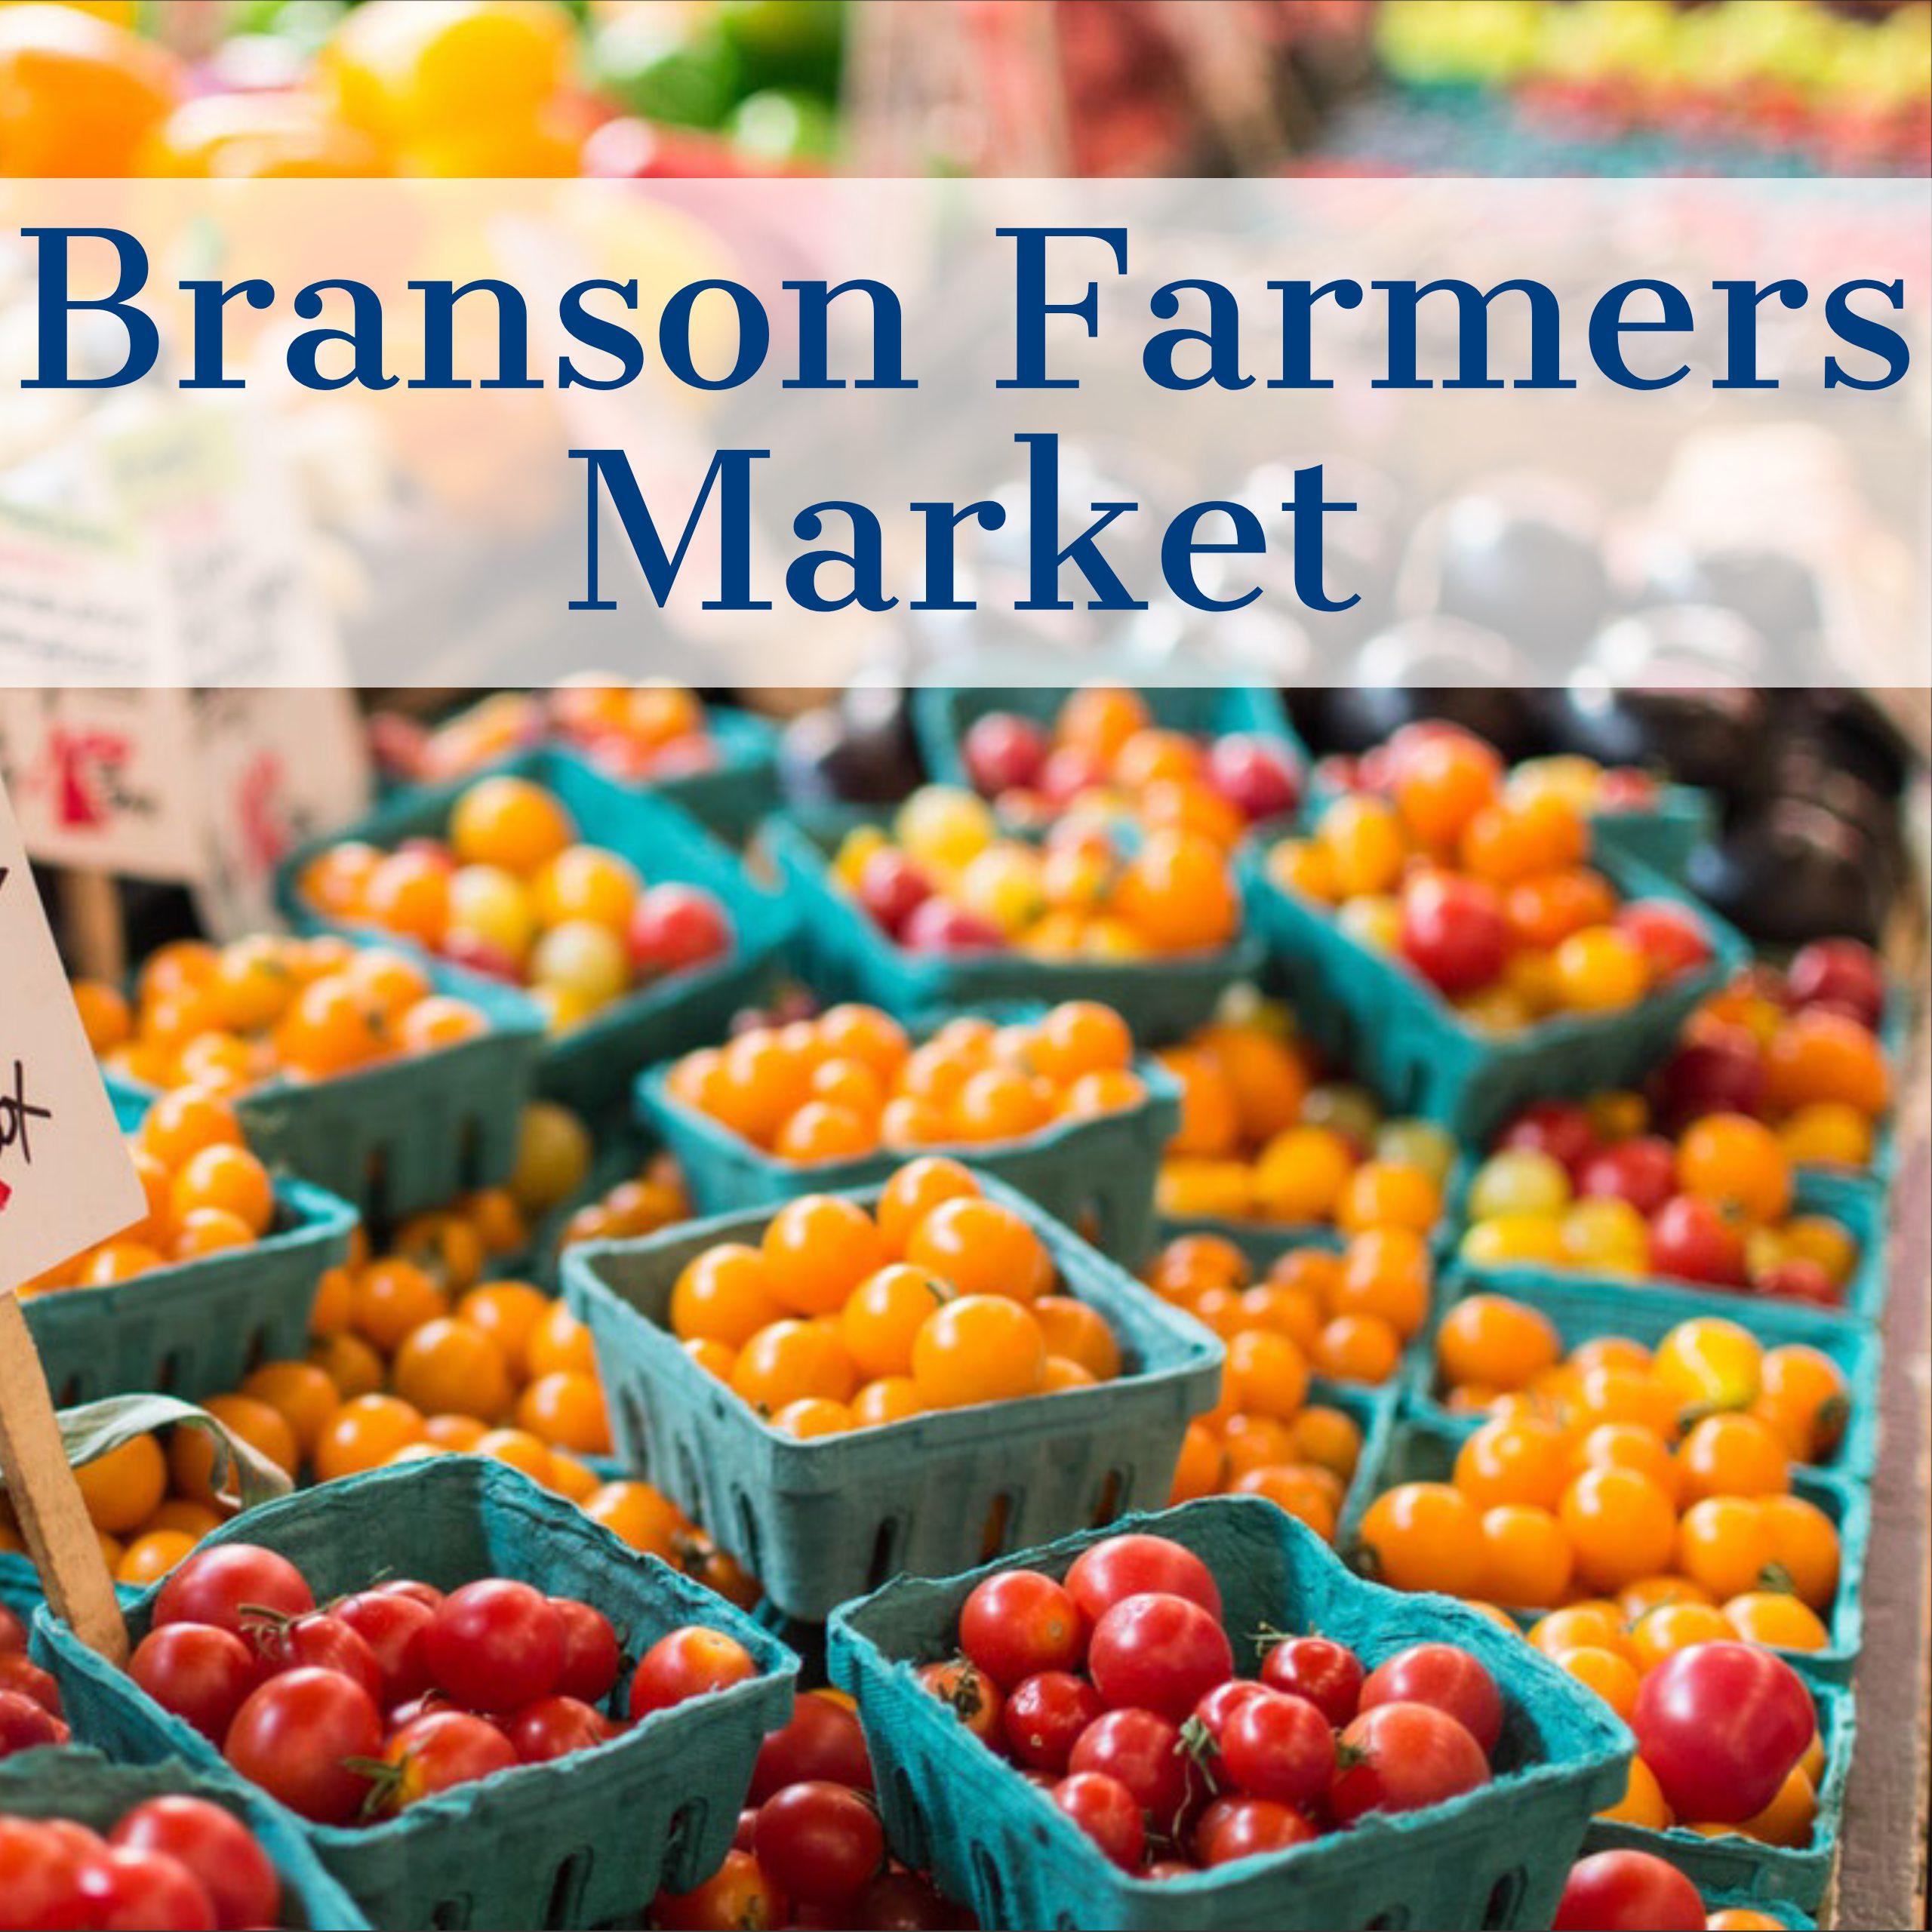 Attend the Branson Farmer's Market in Branson, MO